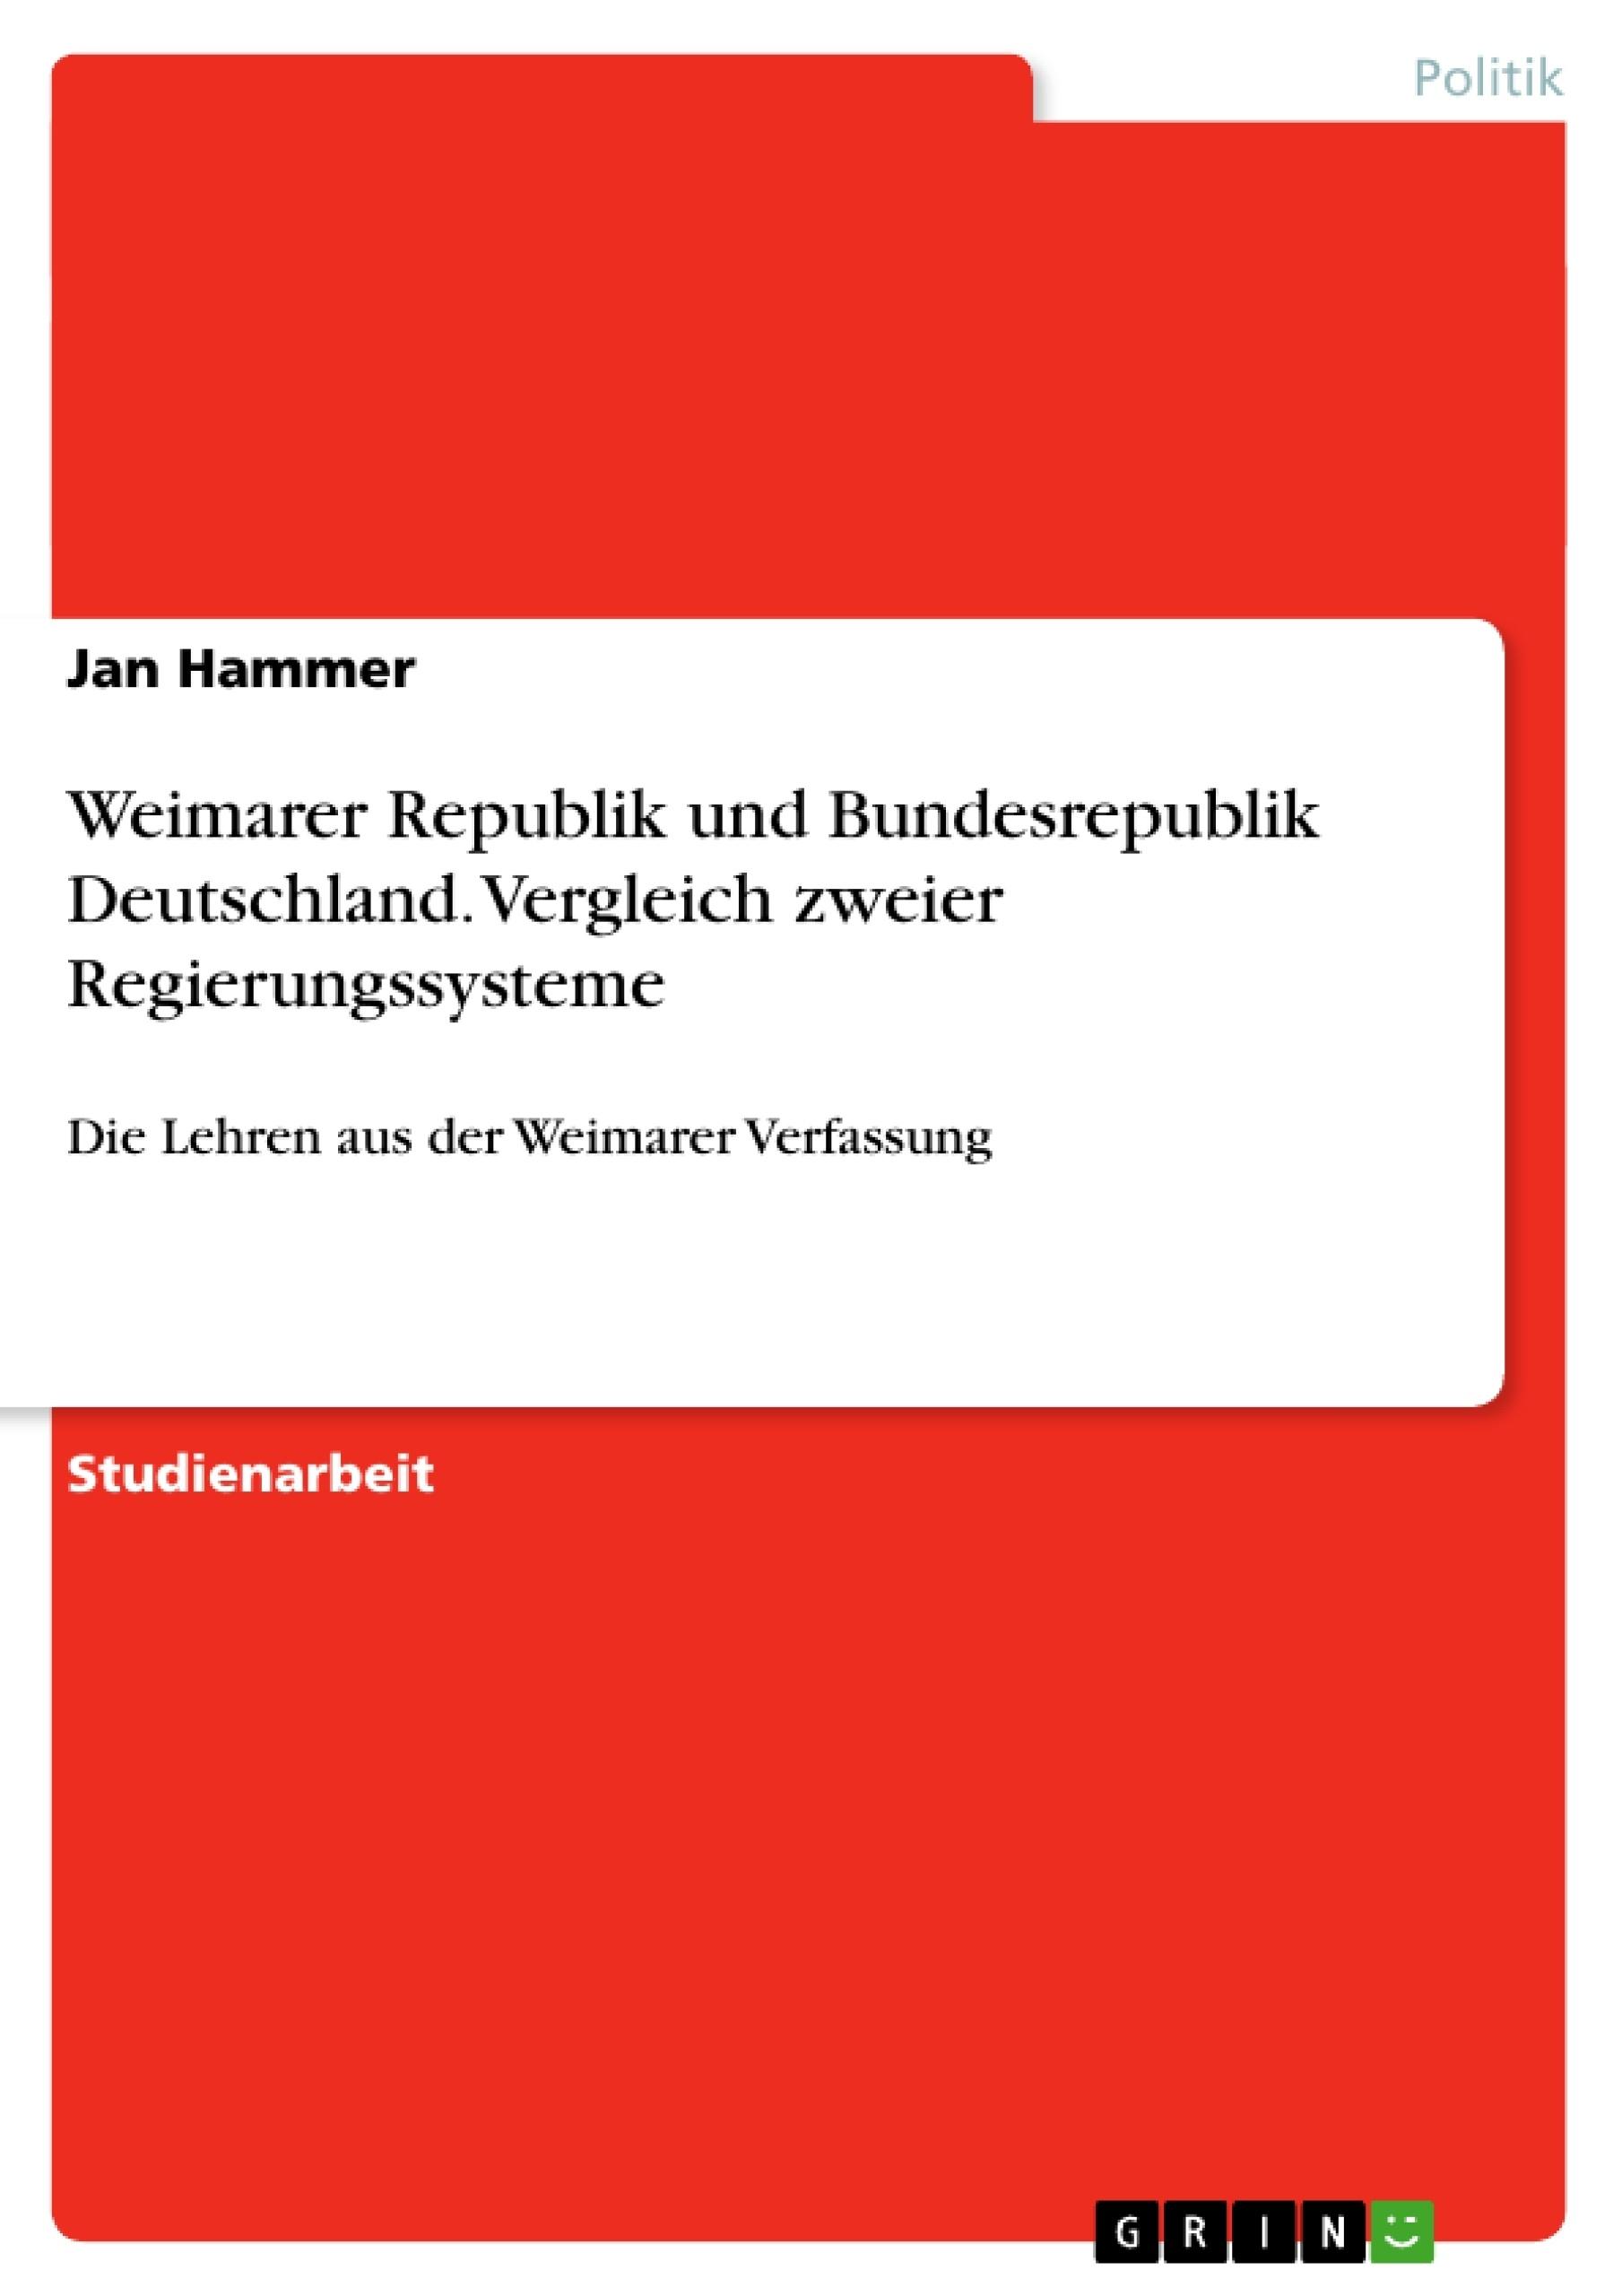 Titel: Weimarer Republik und Bundesrepublik Deutschland. Vergleich zweier Regierungssysteme